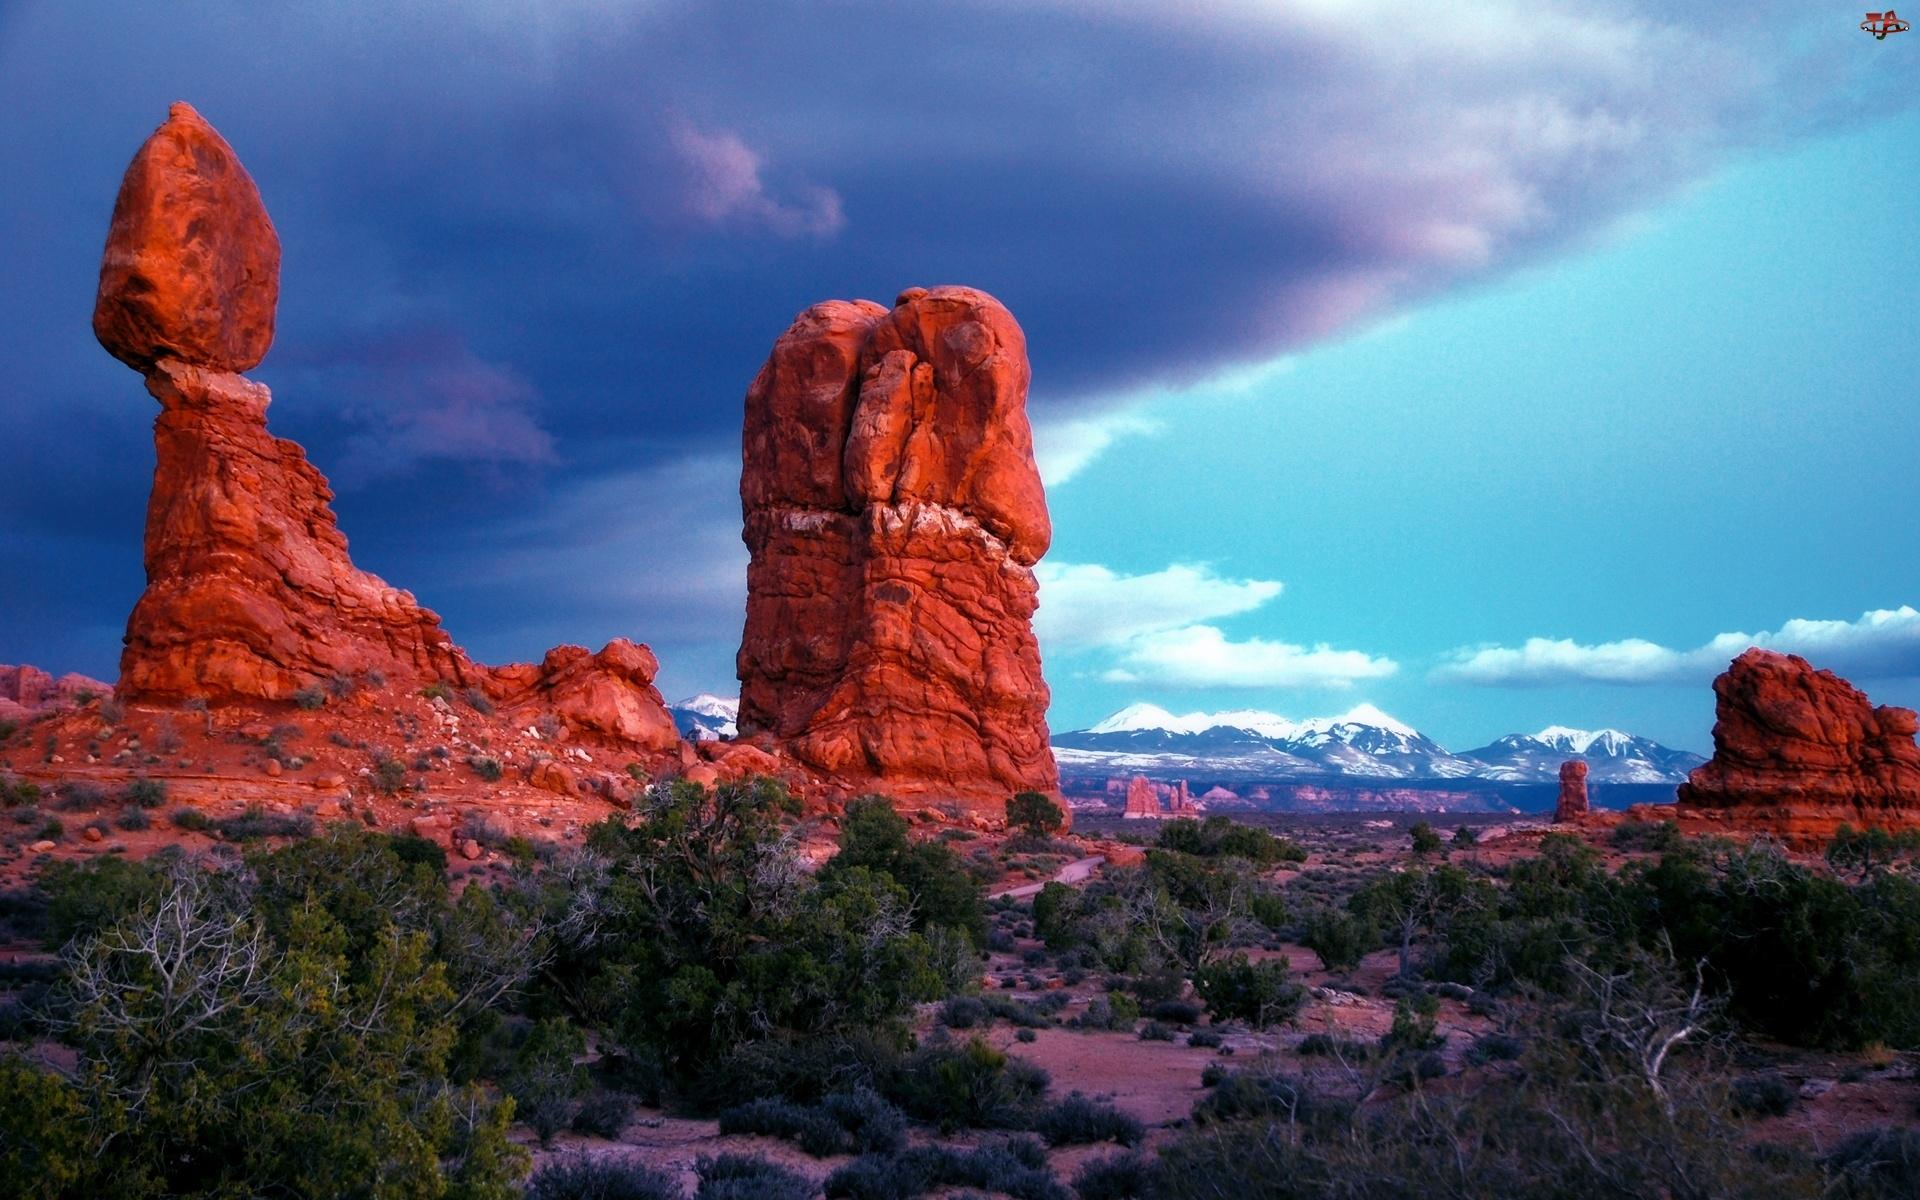 Chmury, Góry, Czerwone, Preria, Skały